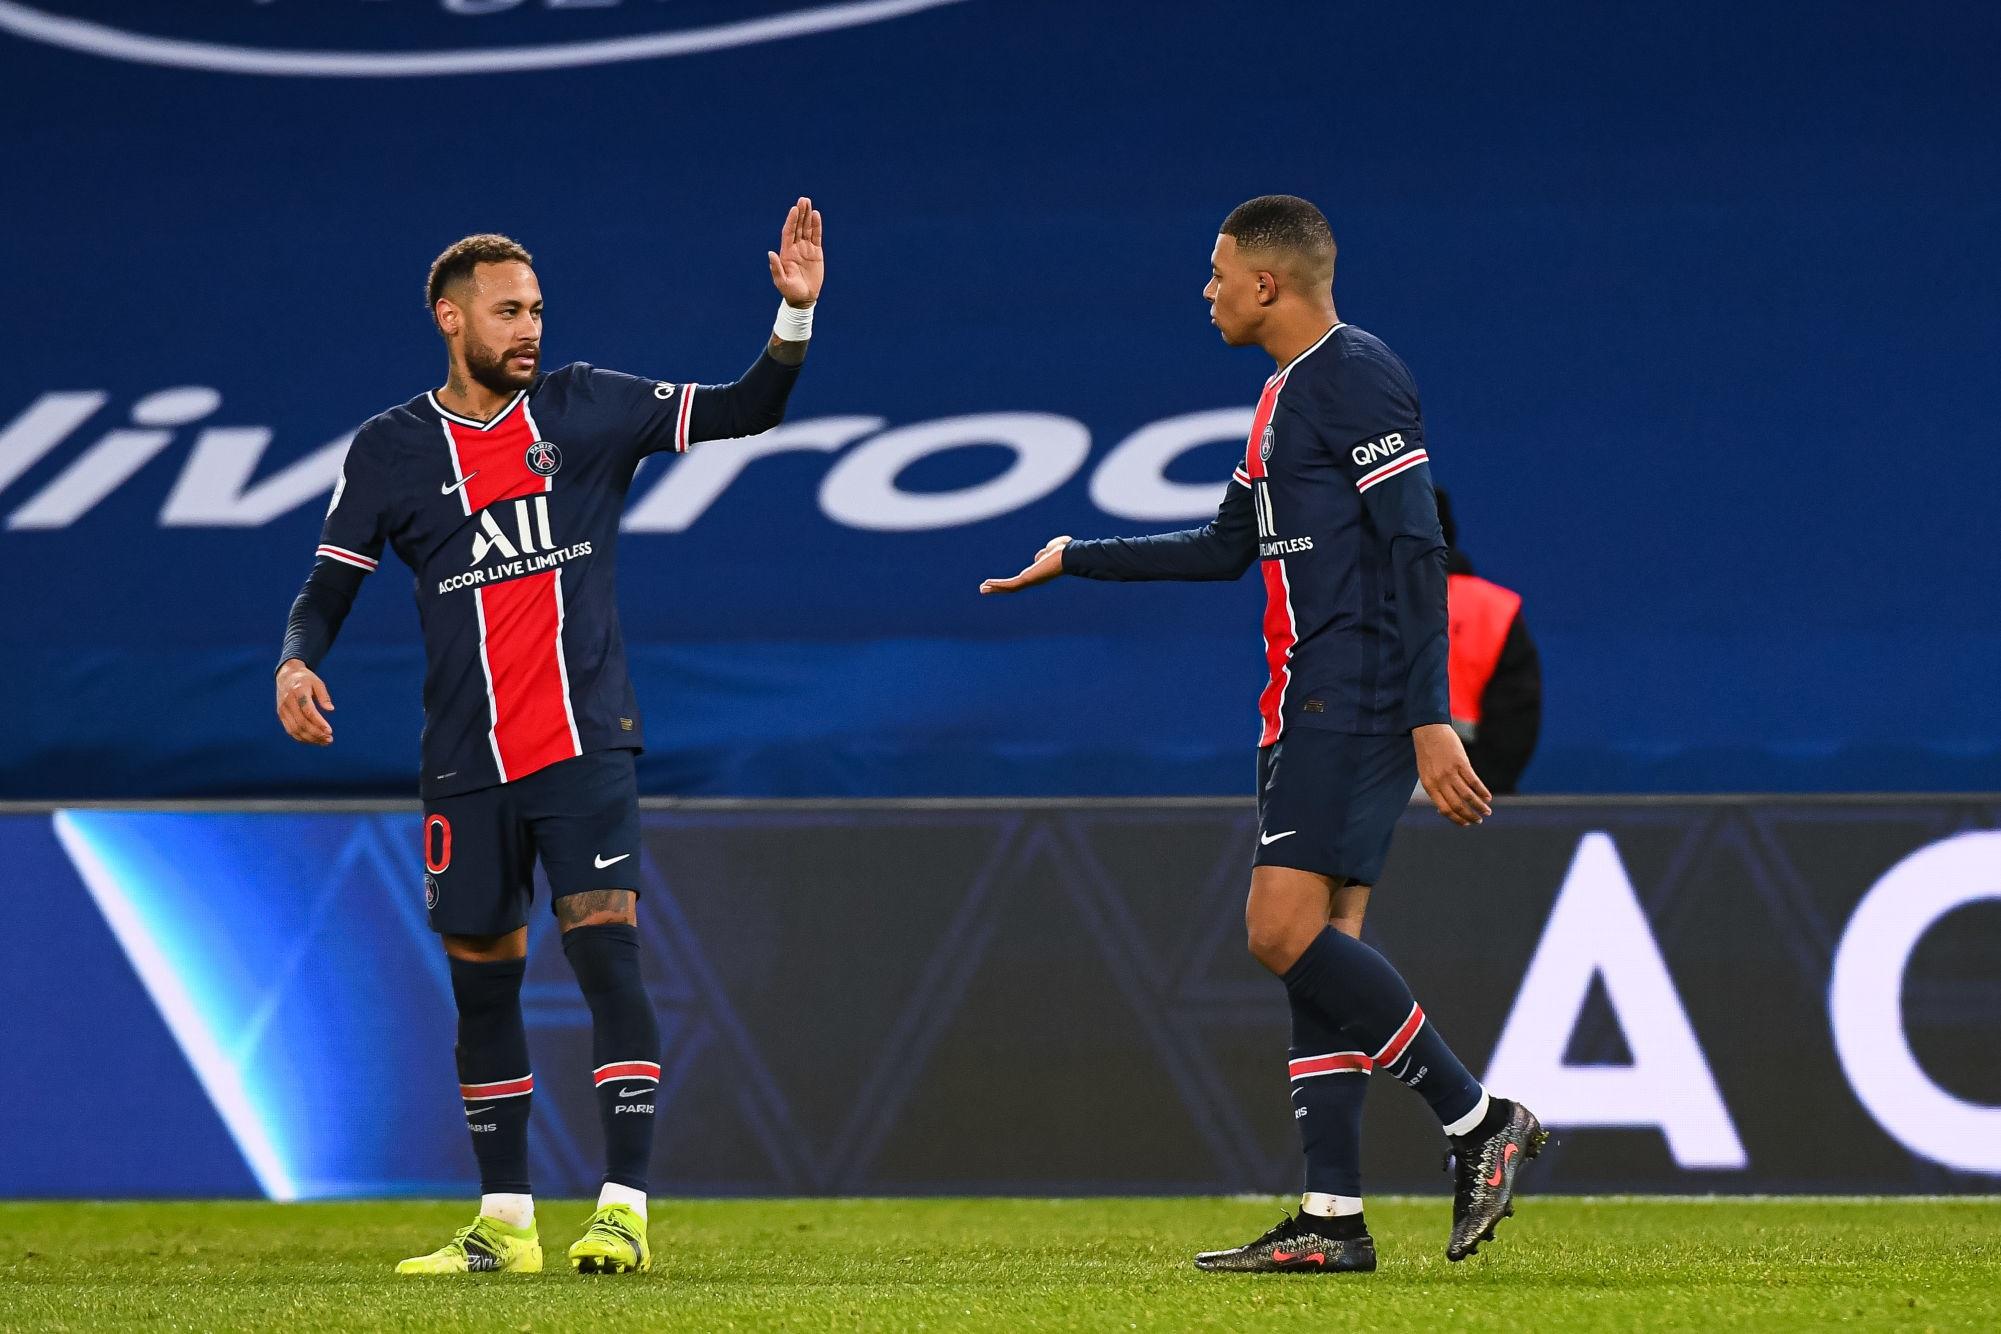 """PSG/Montpellier - Neymar est """"très heureux"""" après son 100e match à Paris"""